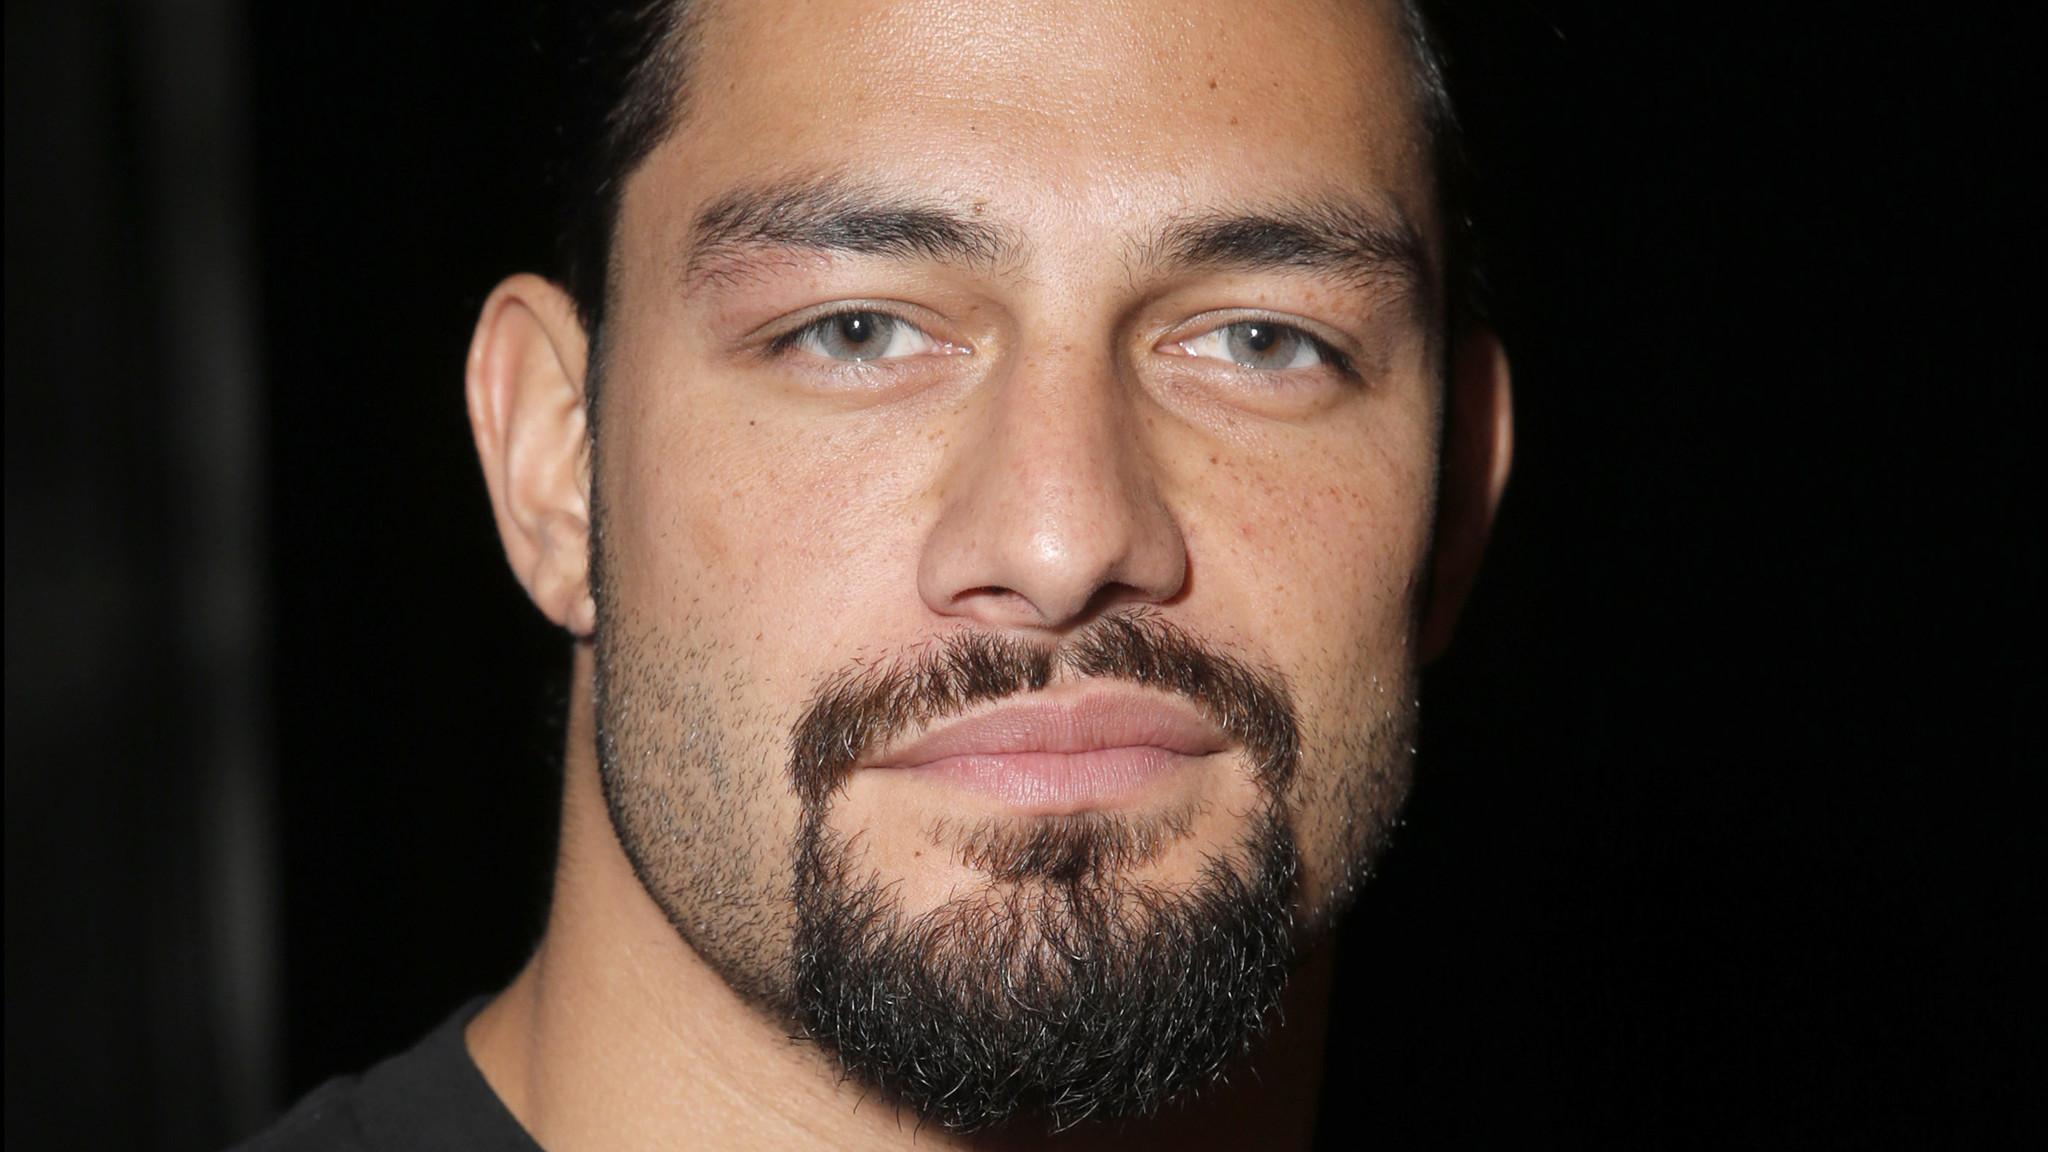 Roman reigns eye color